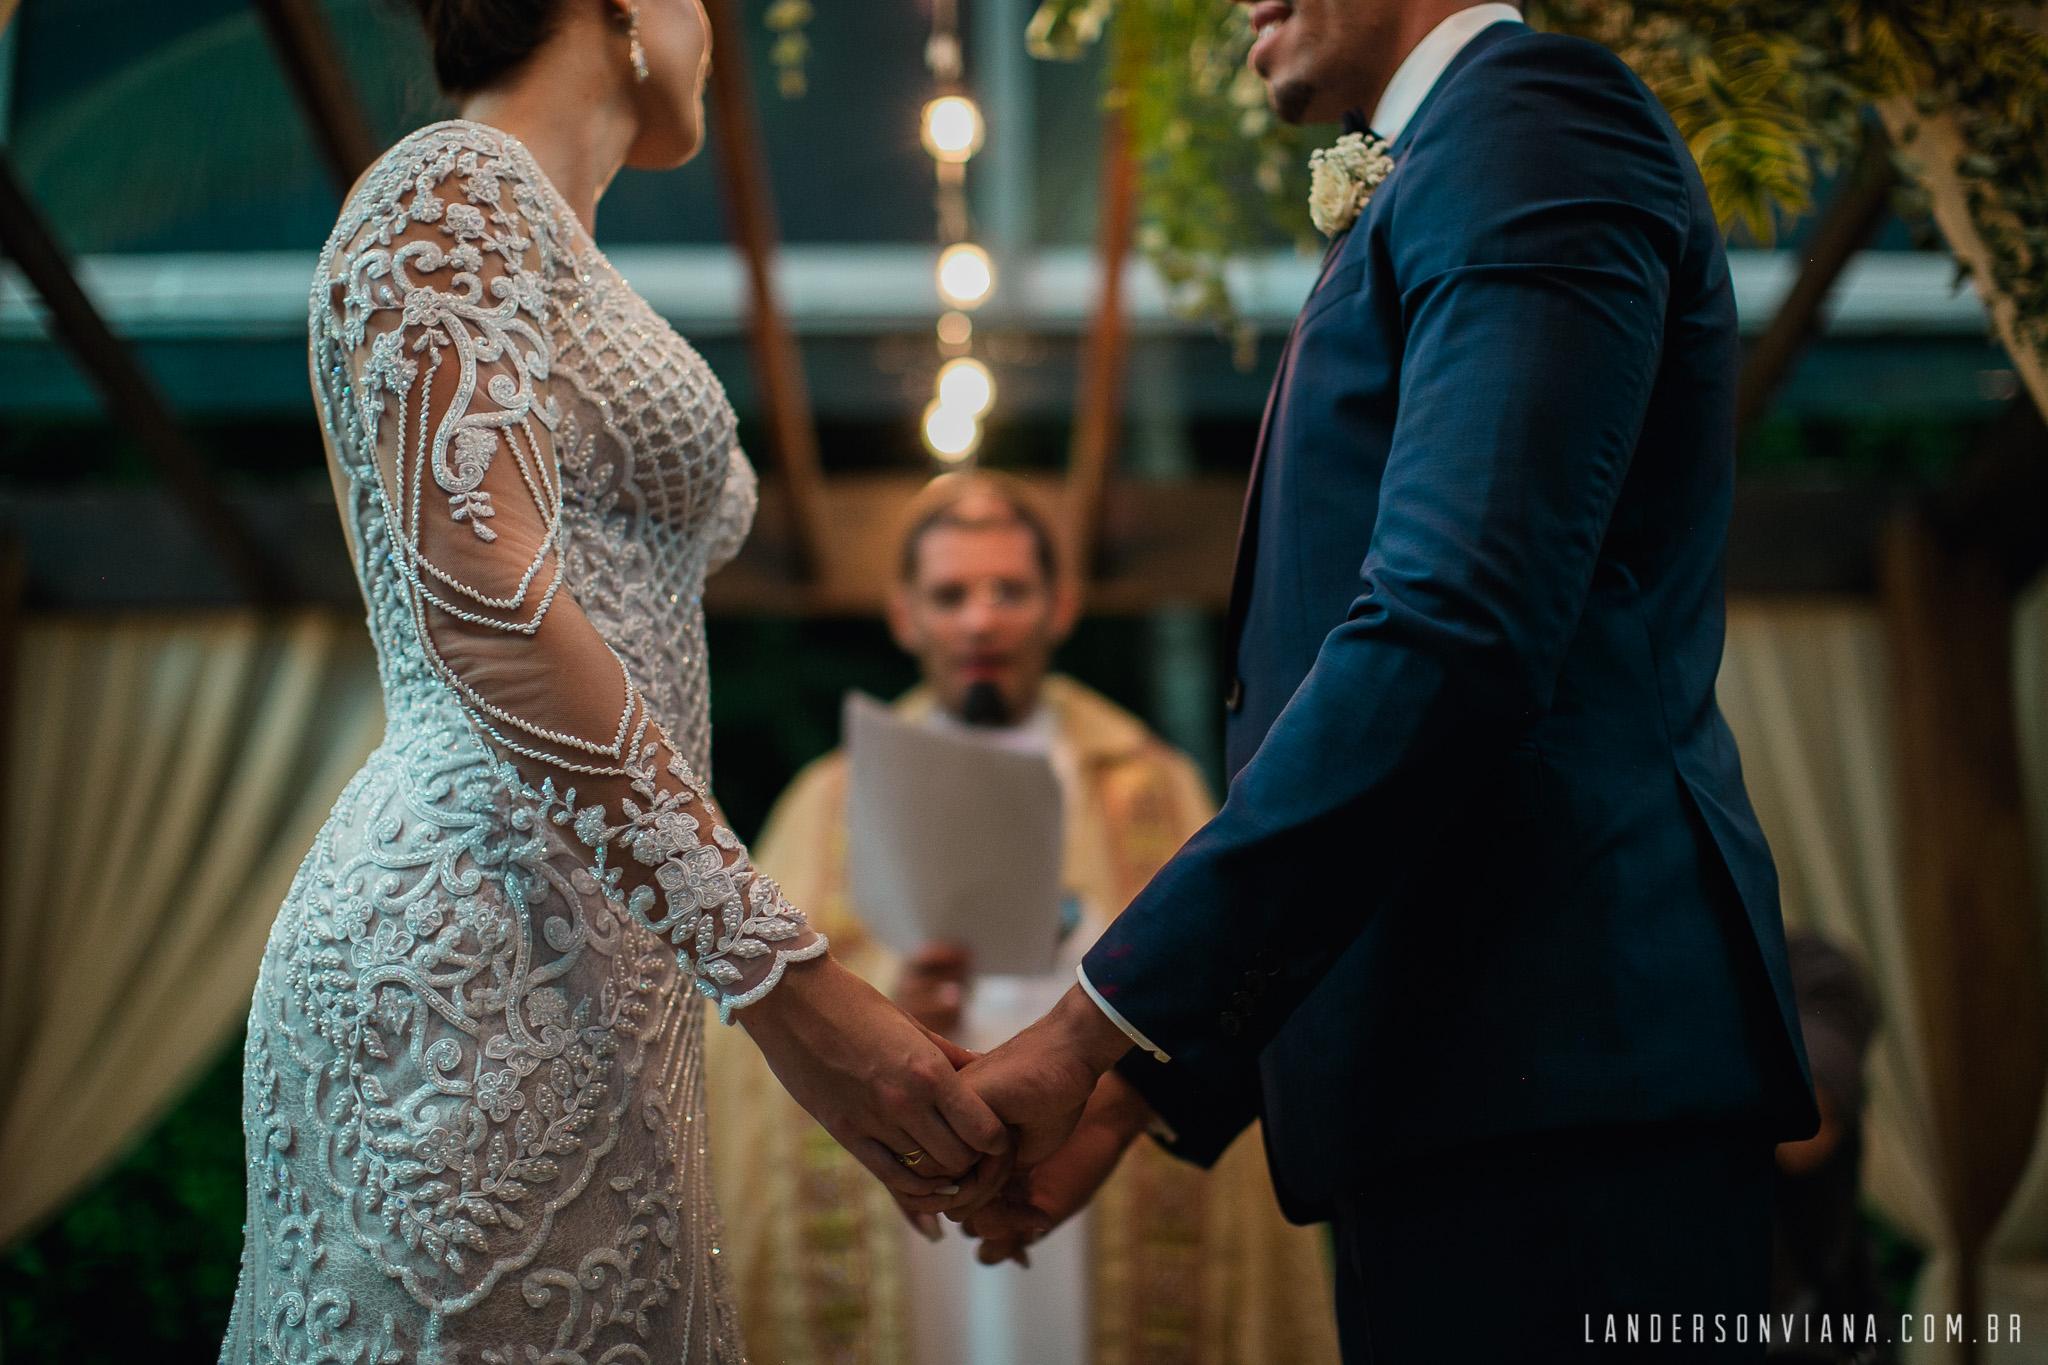 casamento_ar_livre_festa_jessica_raphael-19.jpg